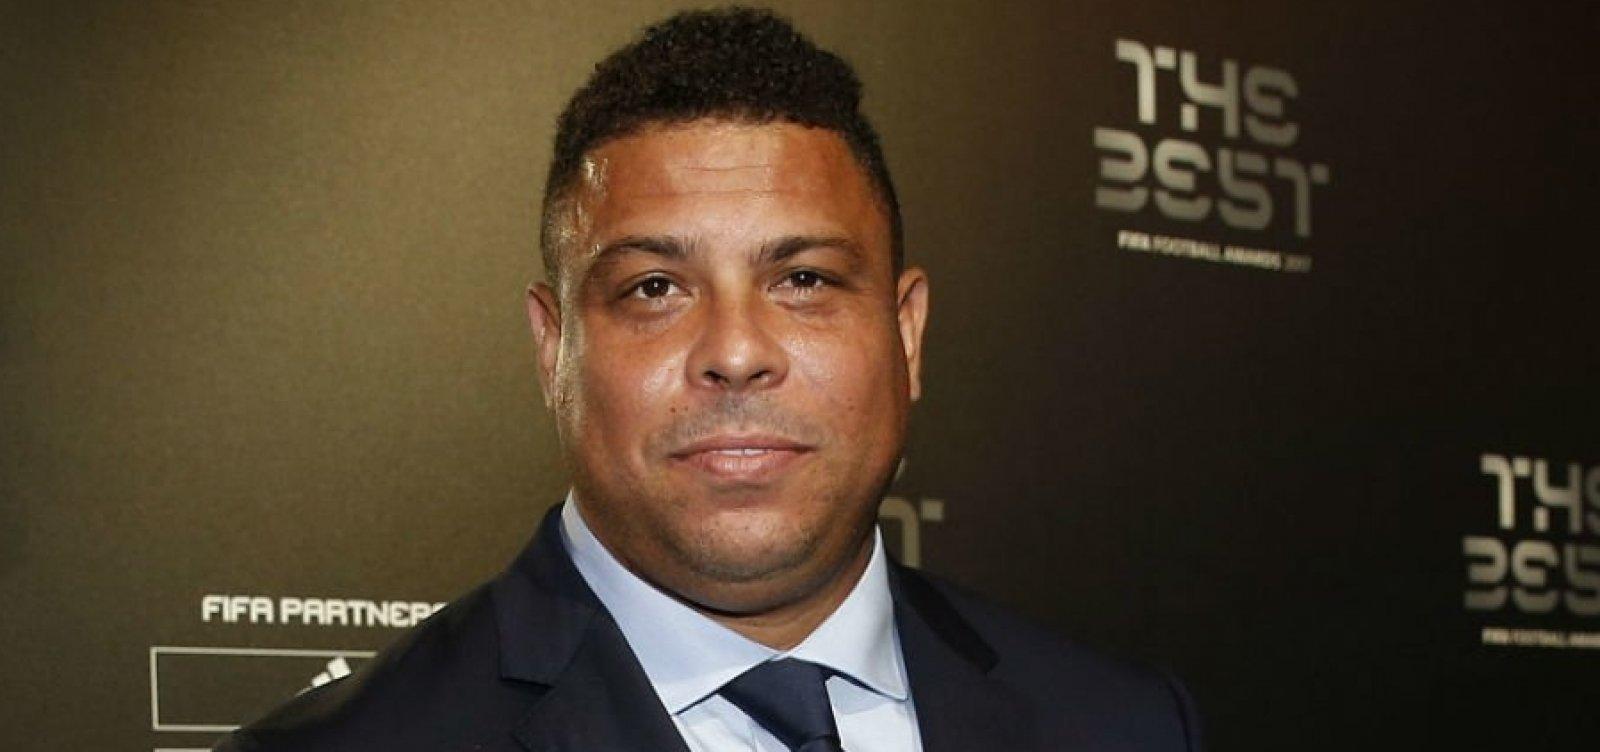 [Ronaldo Fenômeno é processado por não pagar despesas de filho]